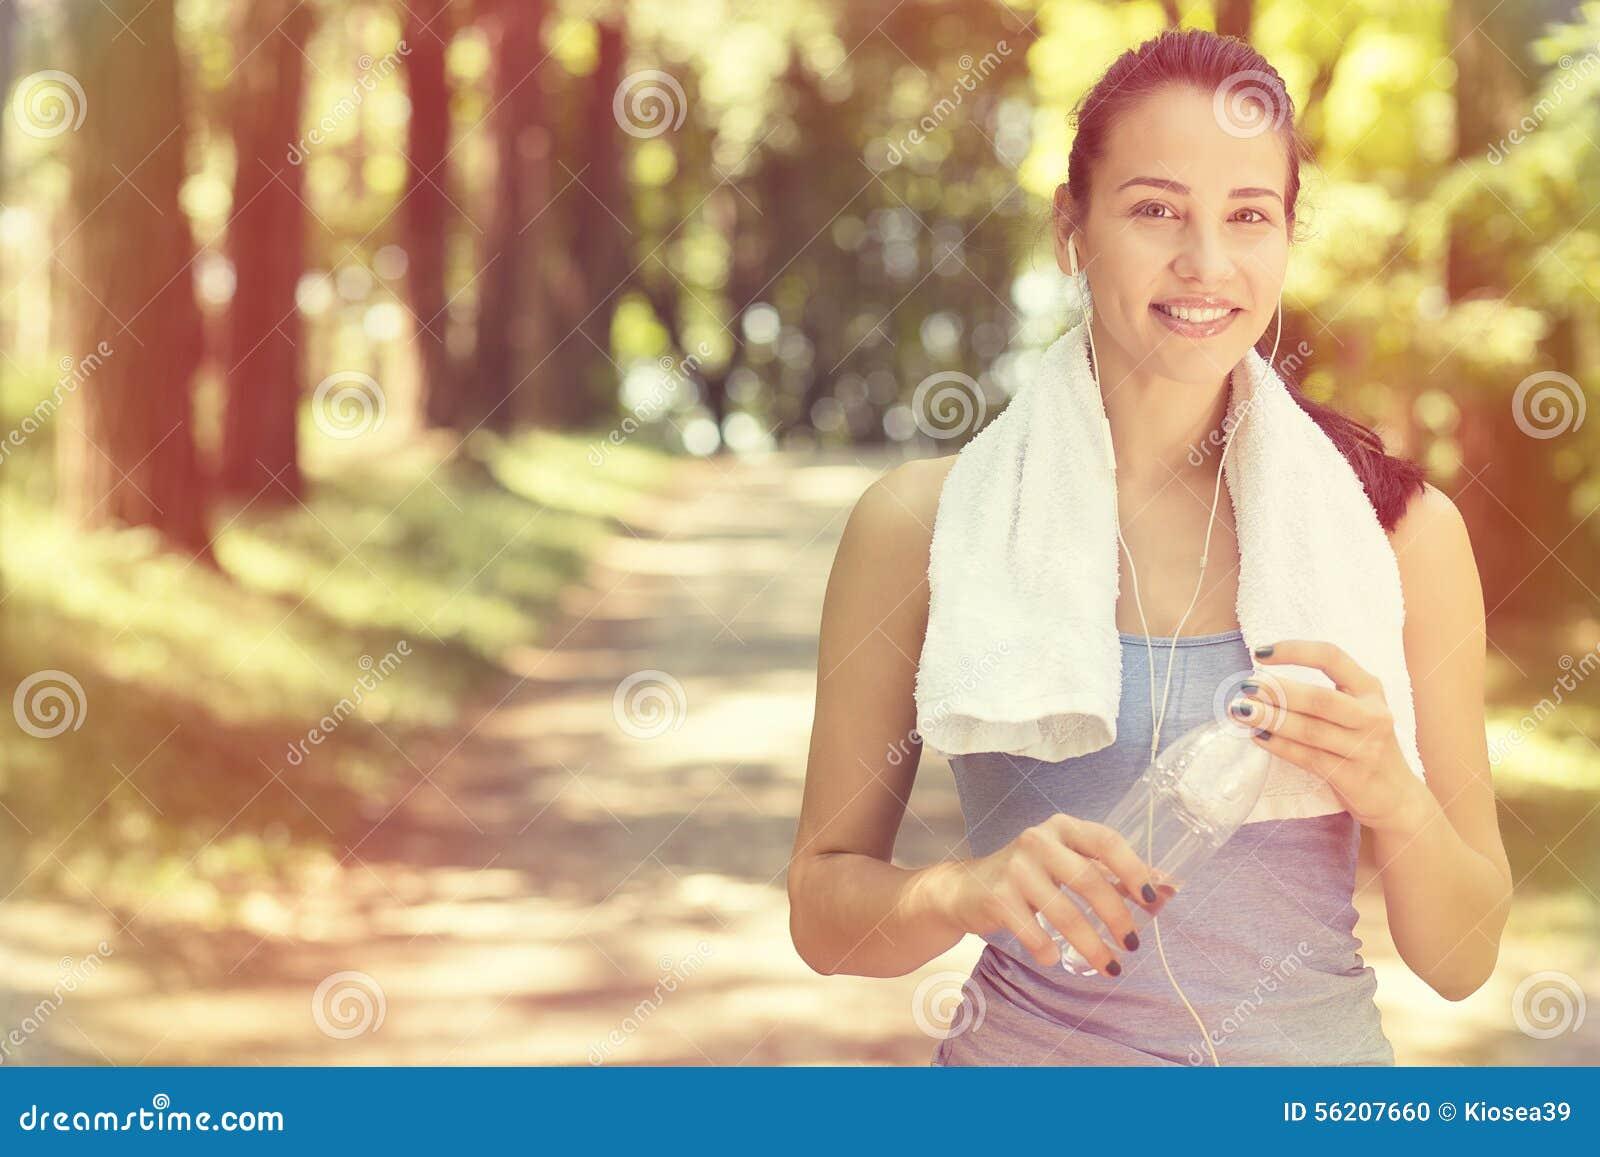 Lächelnde geeignete Frau mit dem weißen Tuch, das nach Sport stillsteht, trainiert